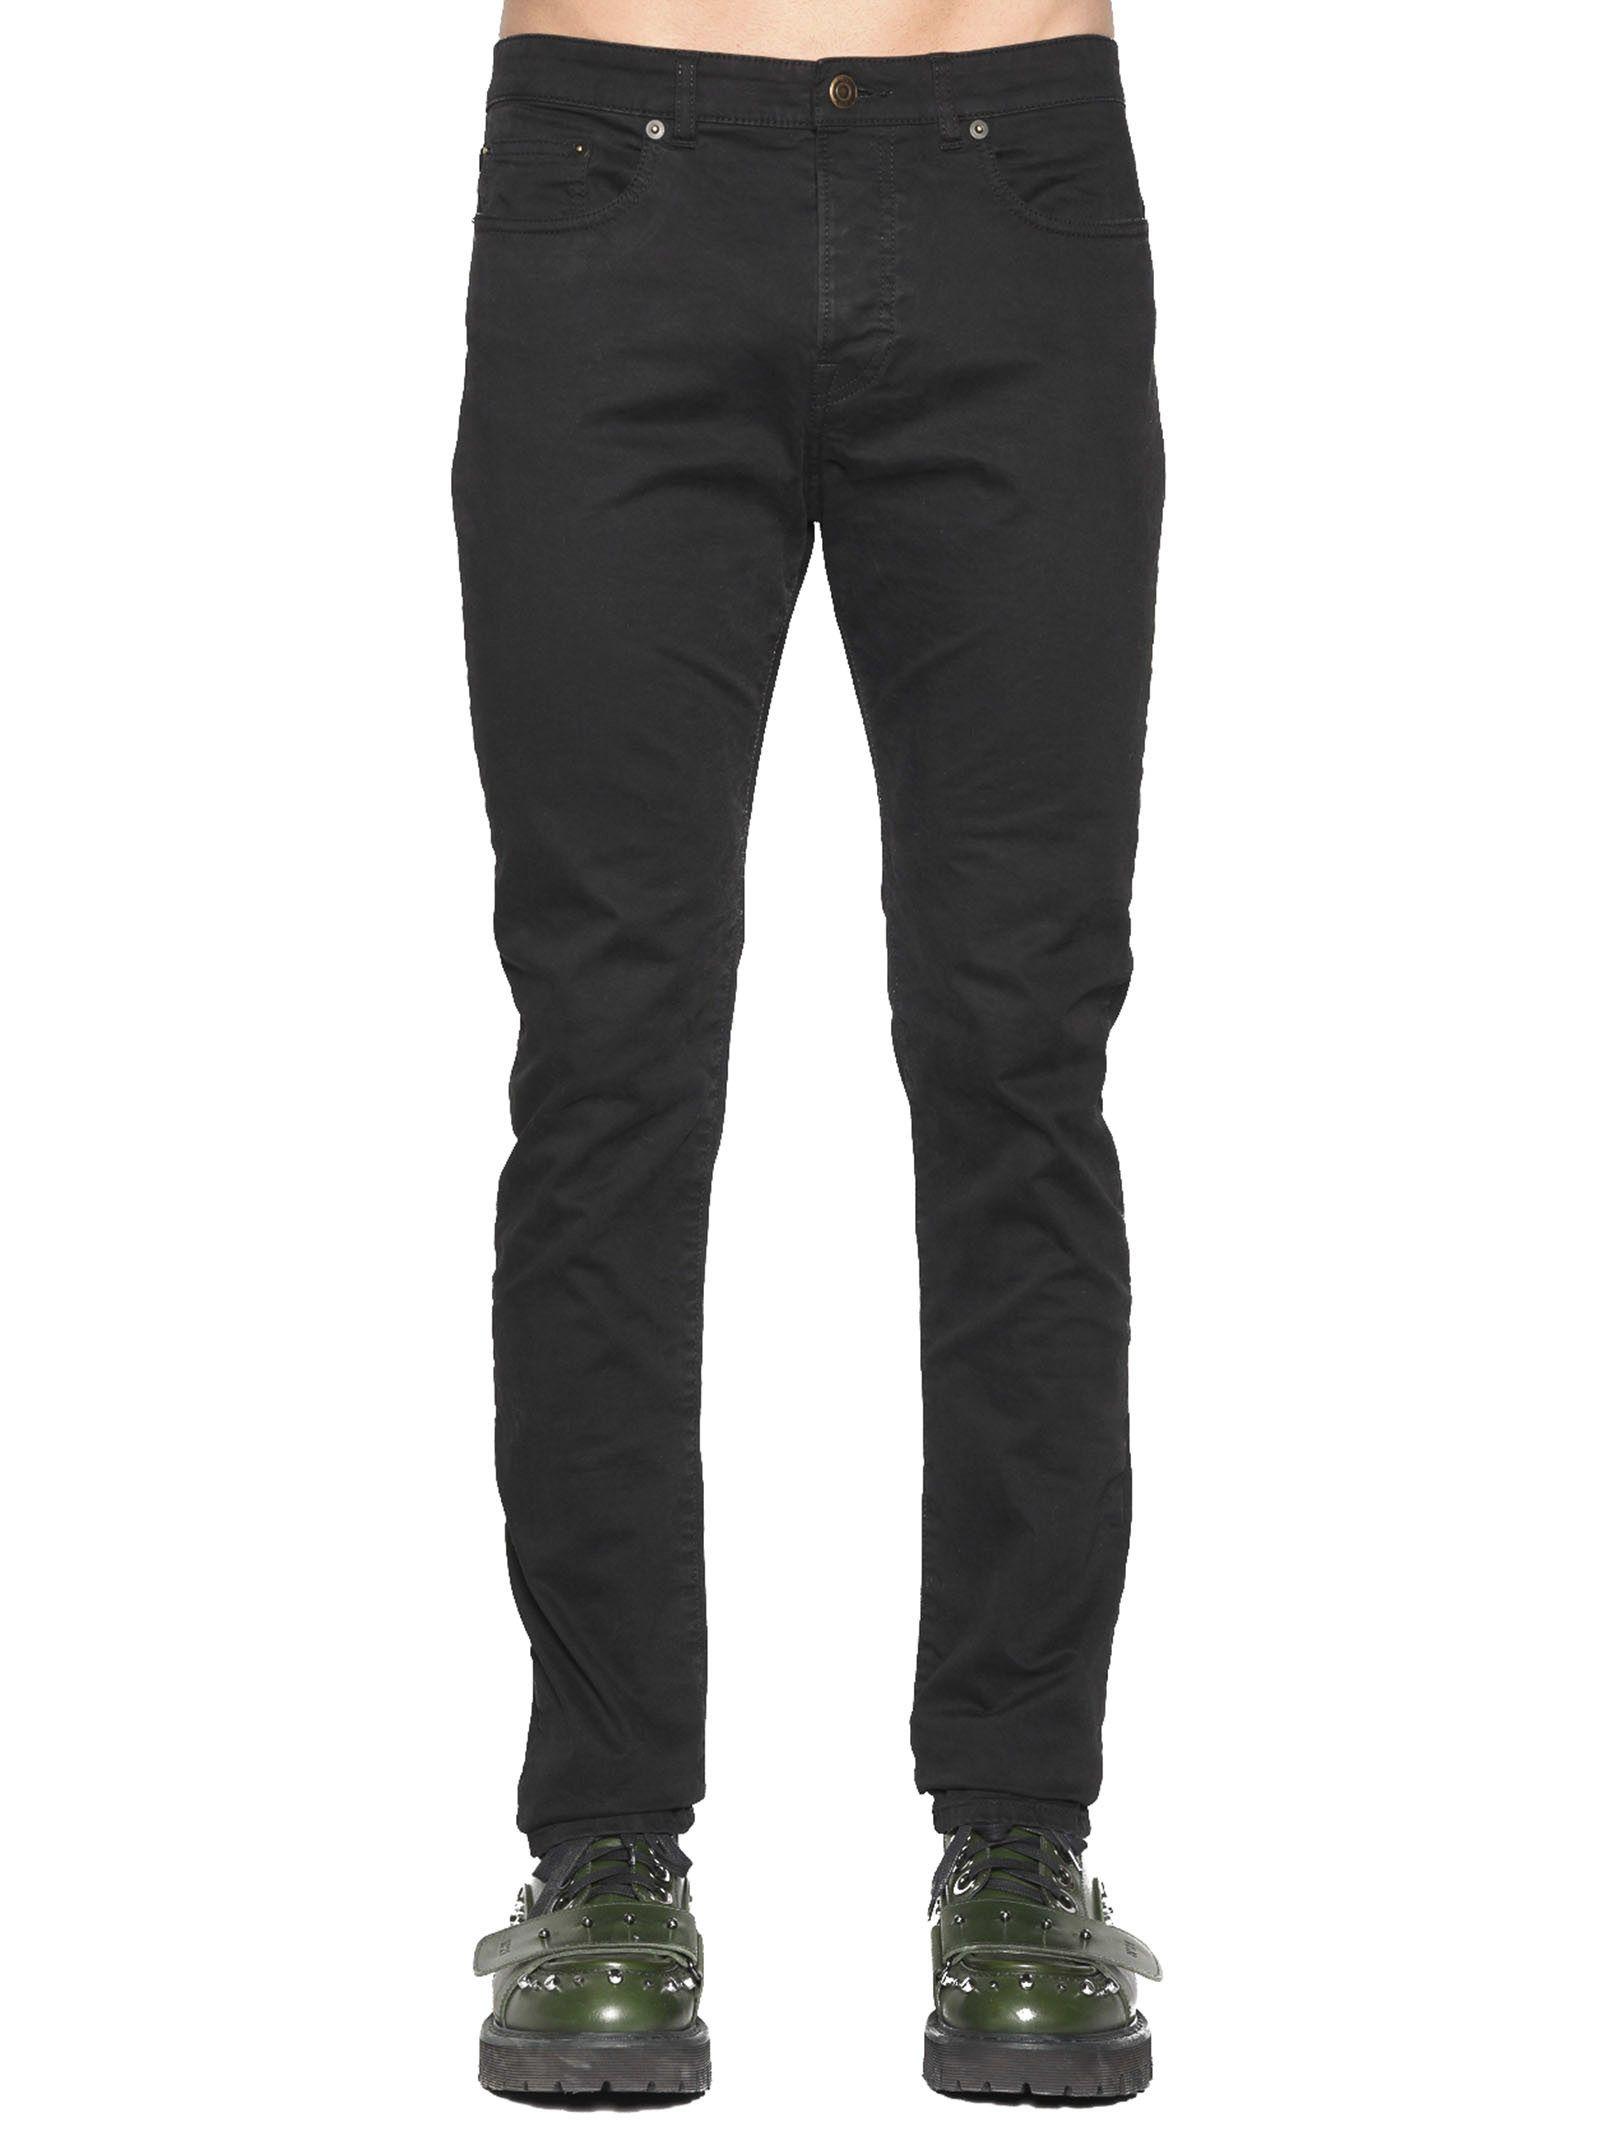 N.21 Jeans